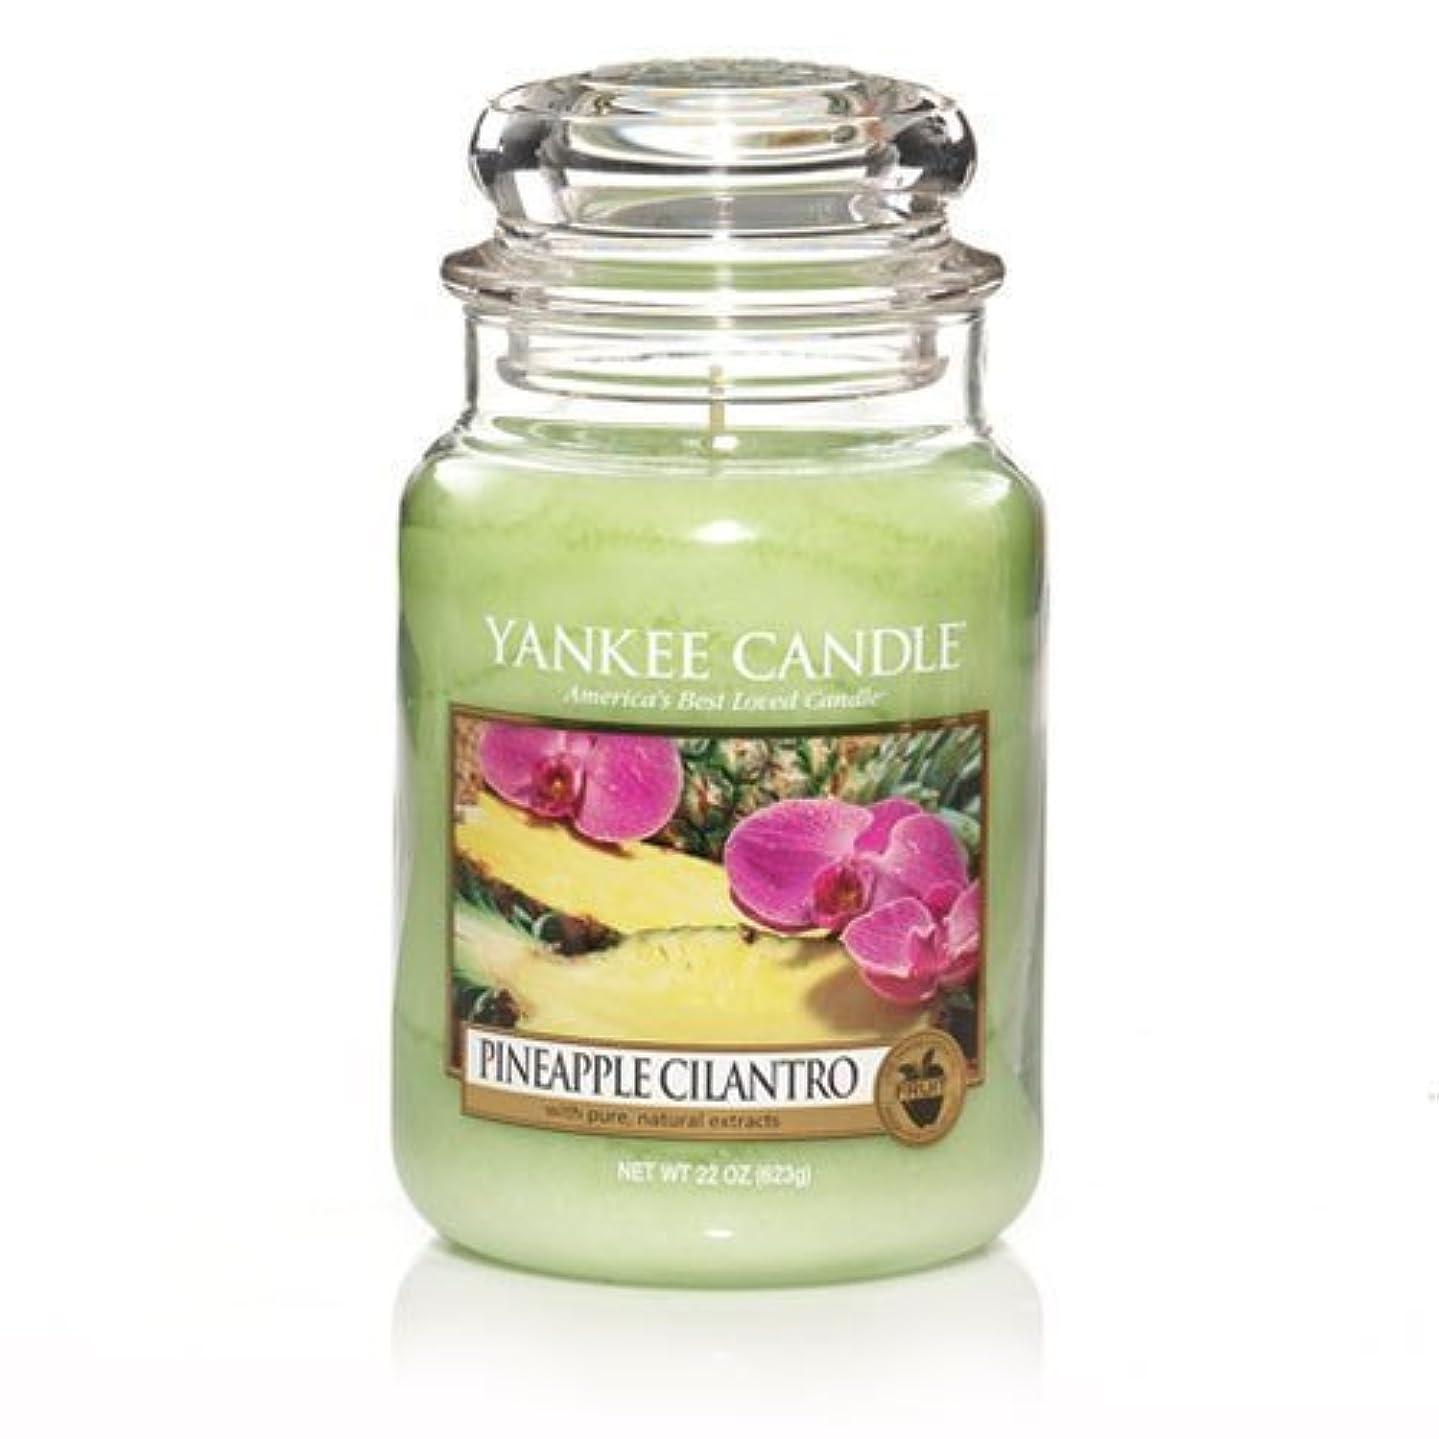 チャーターホイットニー傑出したYankee Candle Pineapple Cilantro Large Jar 22oz Candle by Amazon source [並行輸入品]